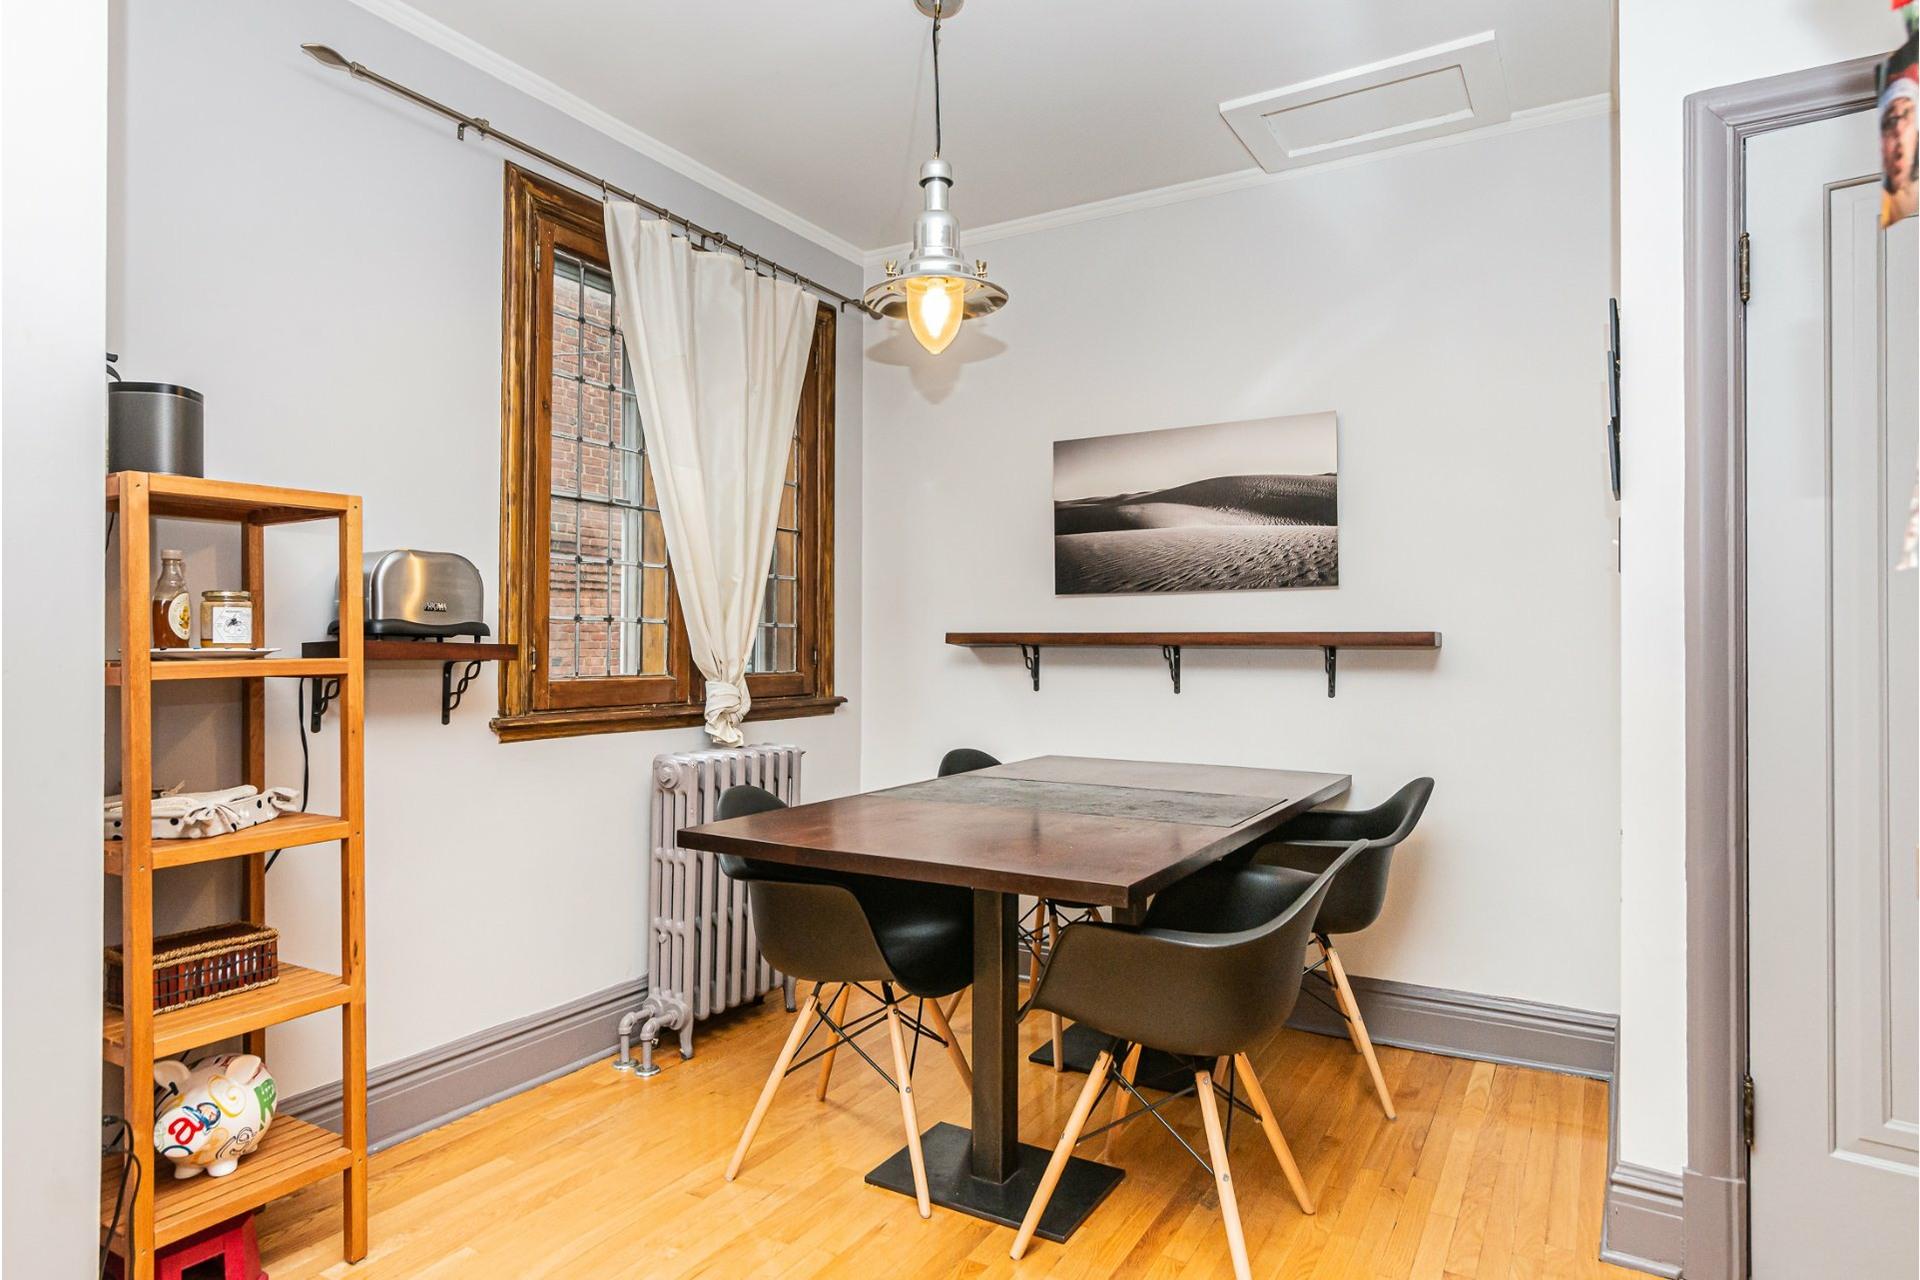 image 11 - House For rent Côte-des-Neiges/Notre-Dame-de-Grâce Montréal  - 9 rooms